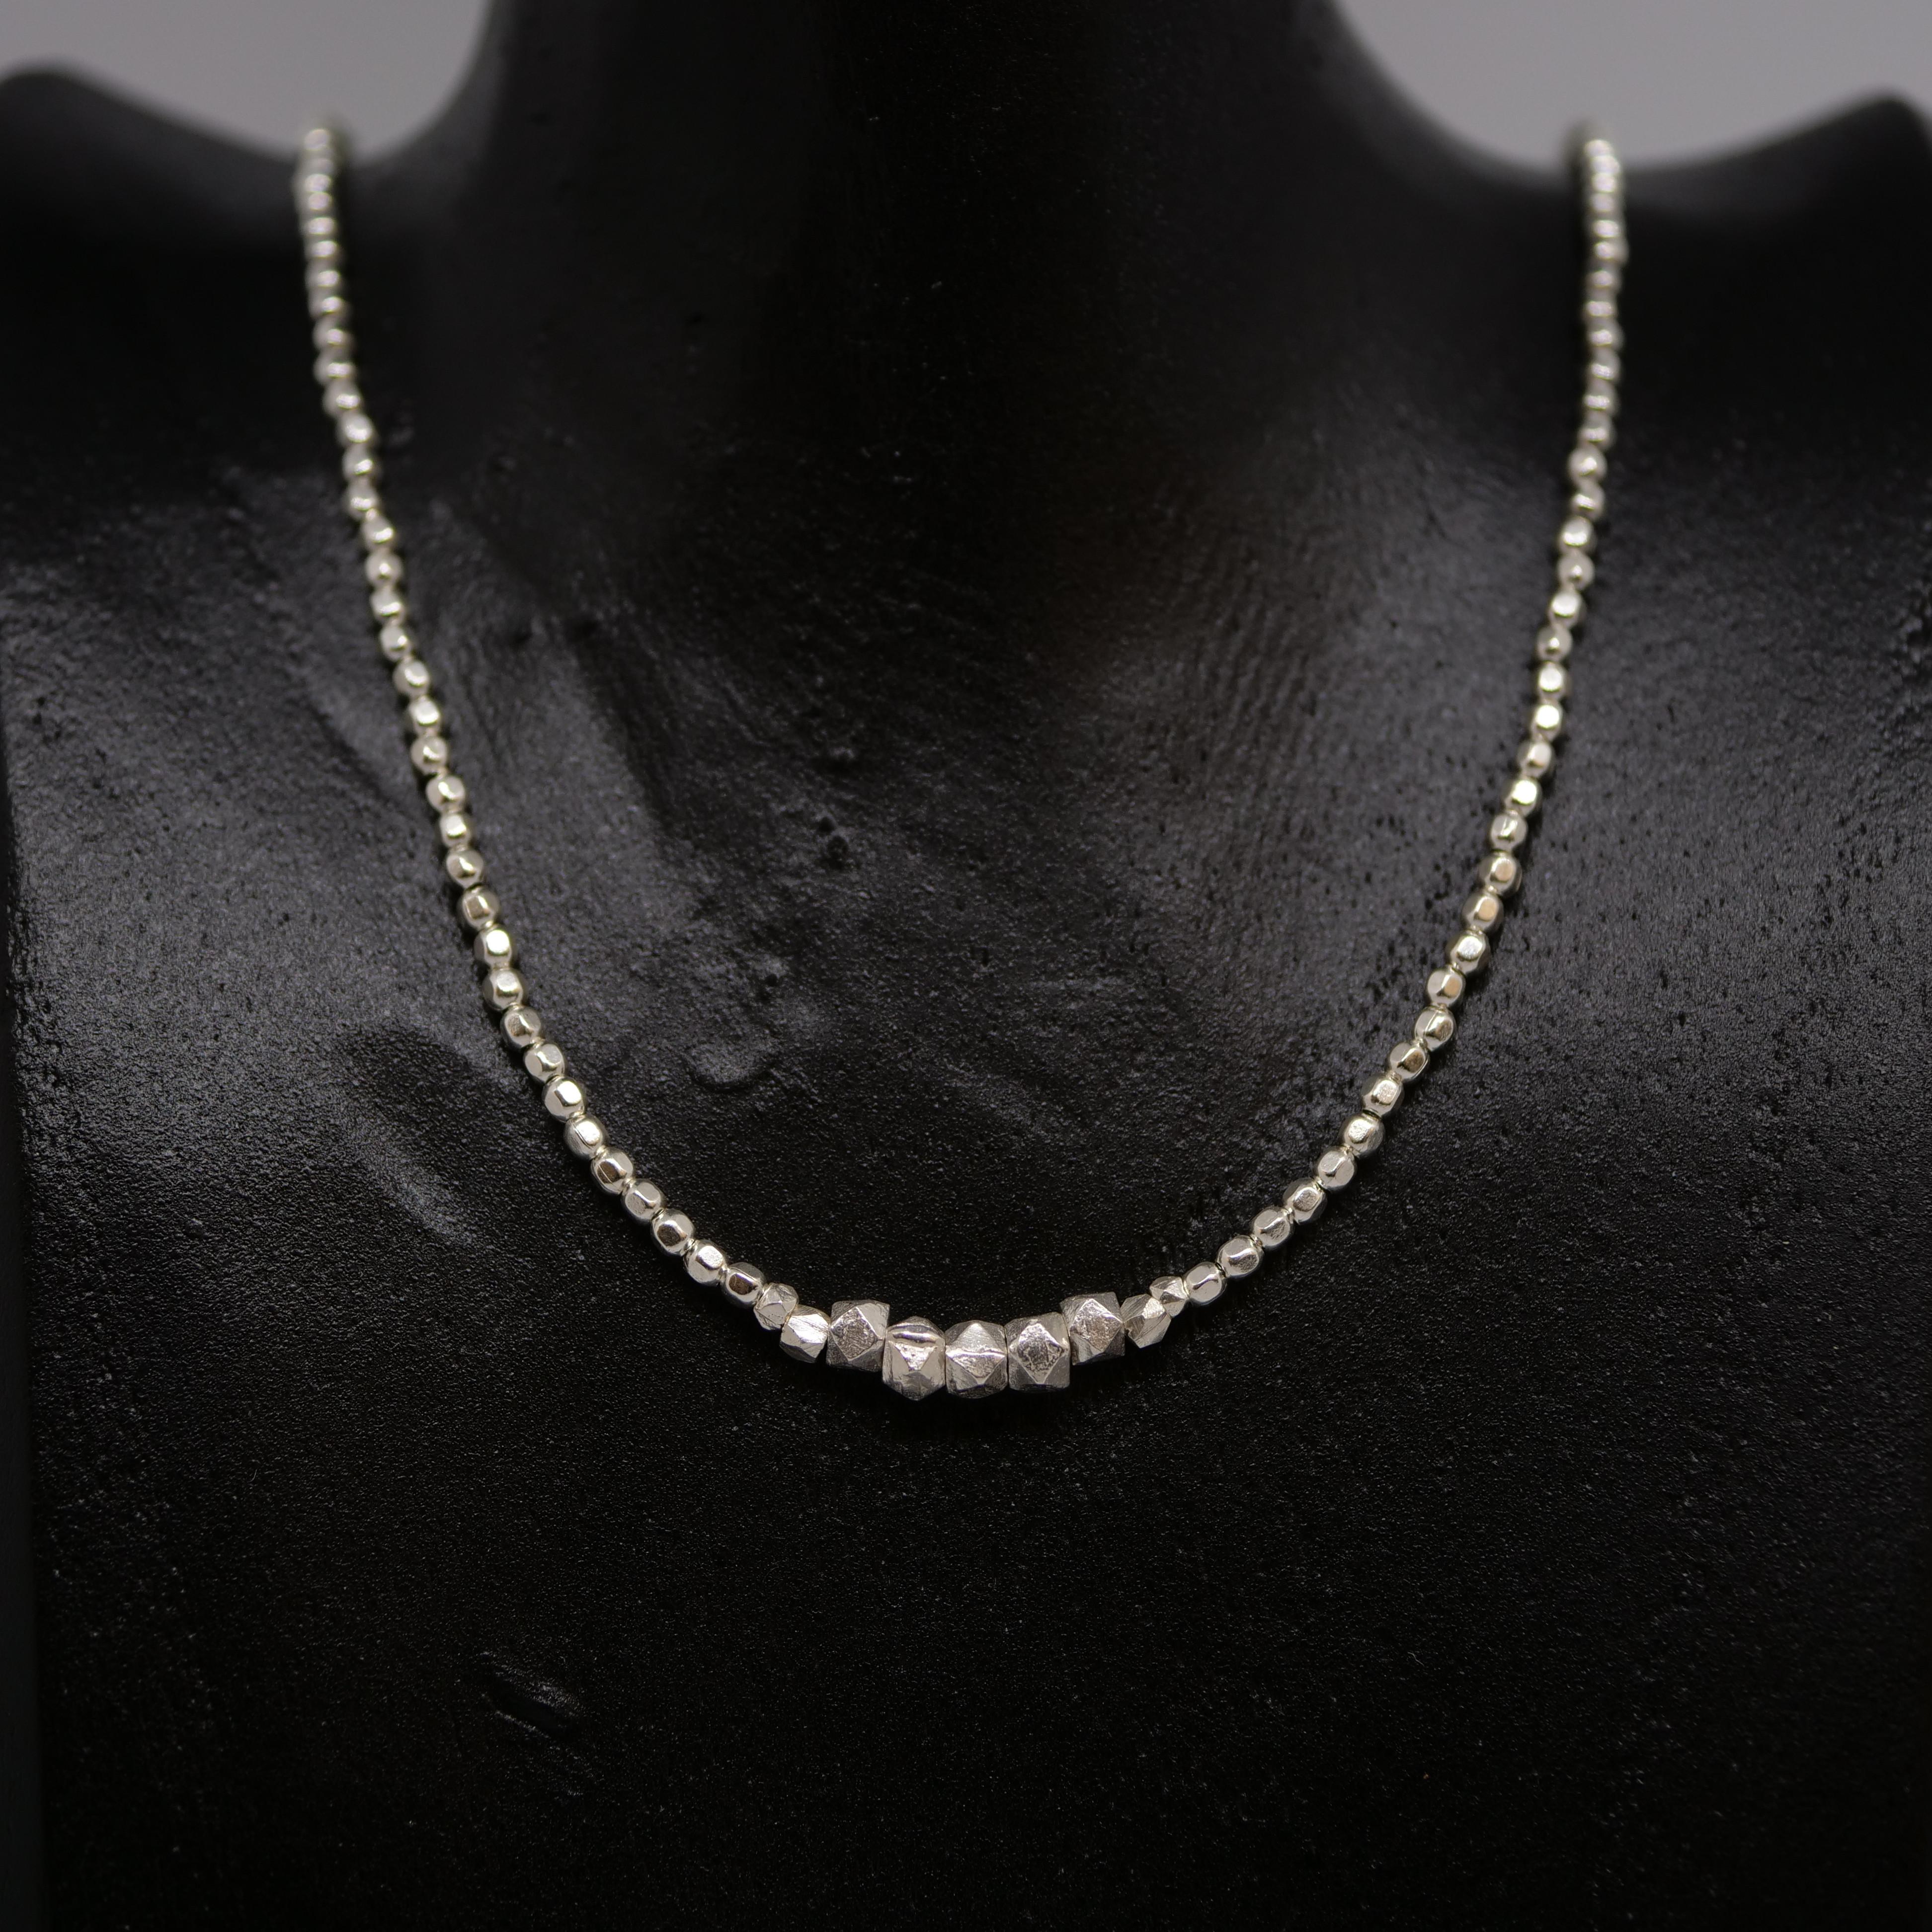 Halskette Silberperlen und Nuggets - 00b4c304a2